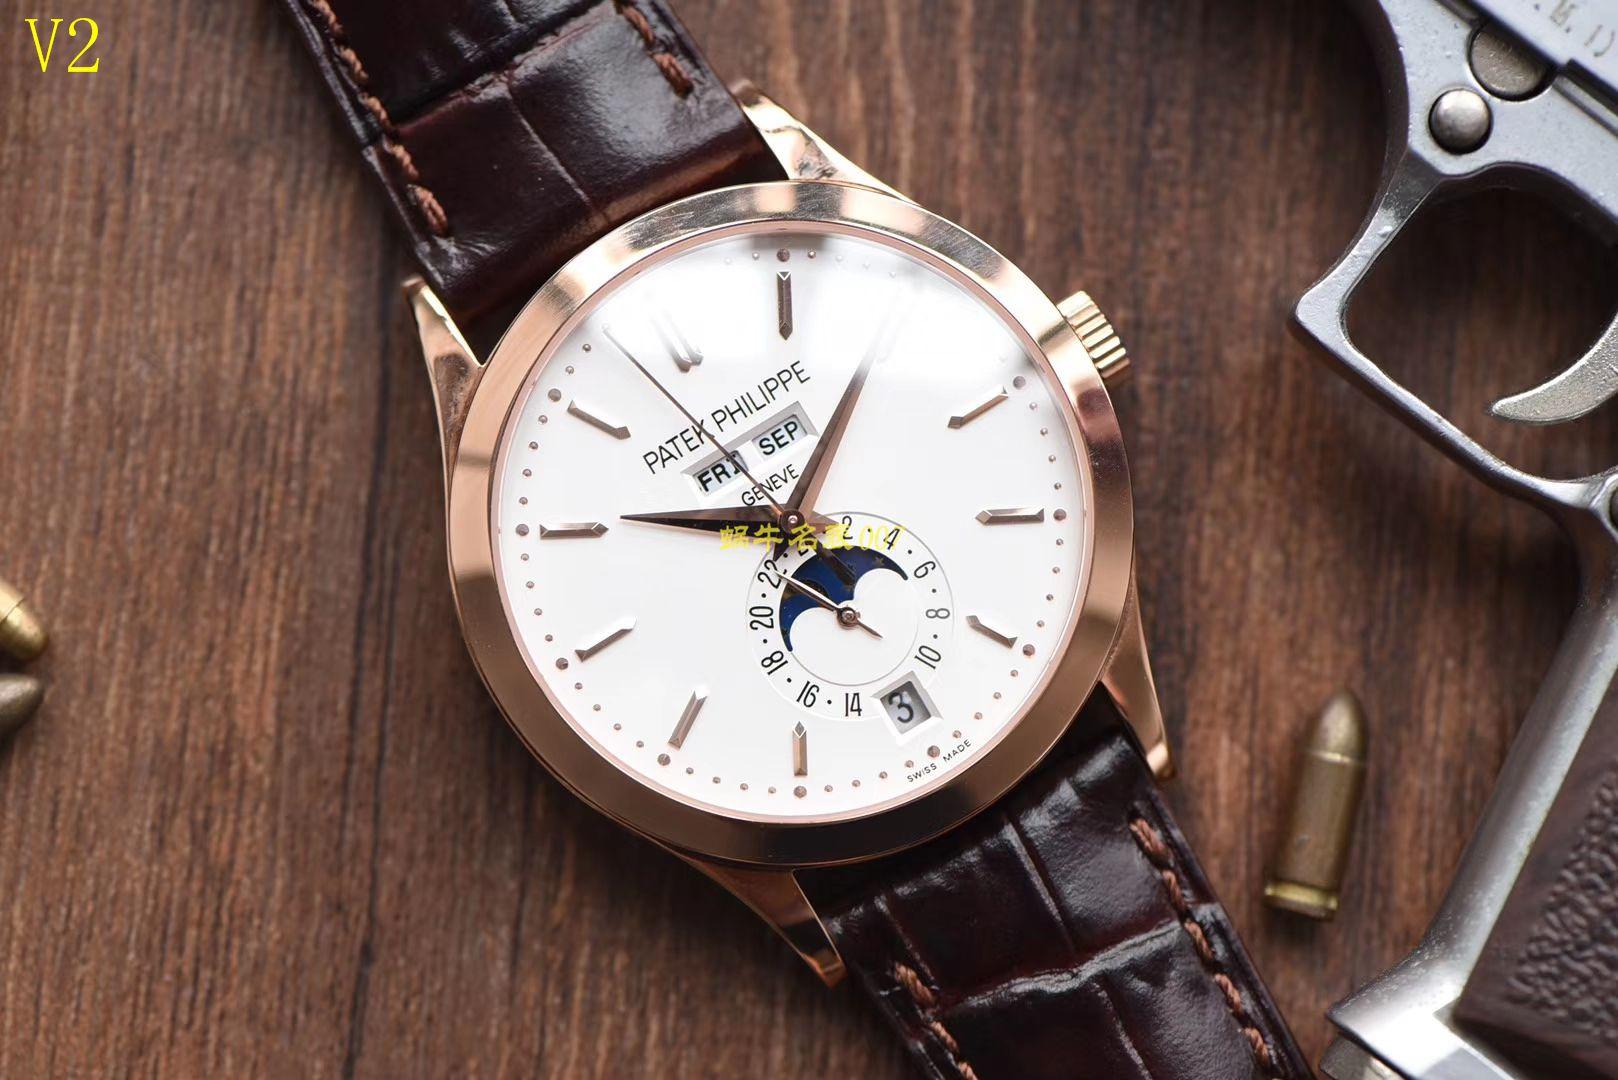 【台湾厂一比一顶级高仿手表】百达翡丽复杂功能计时系列5396R 玫瑰金腕表